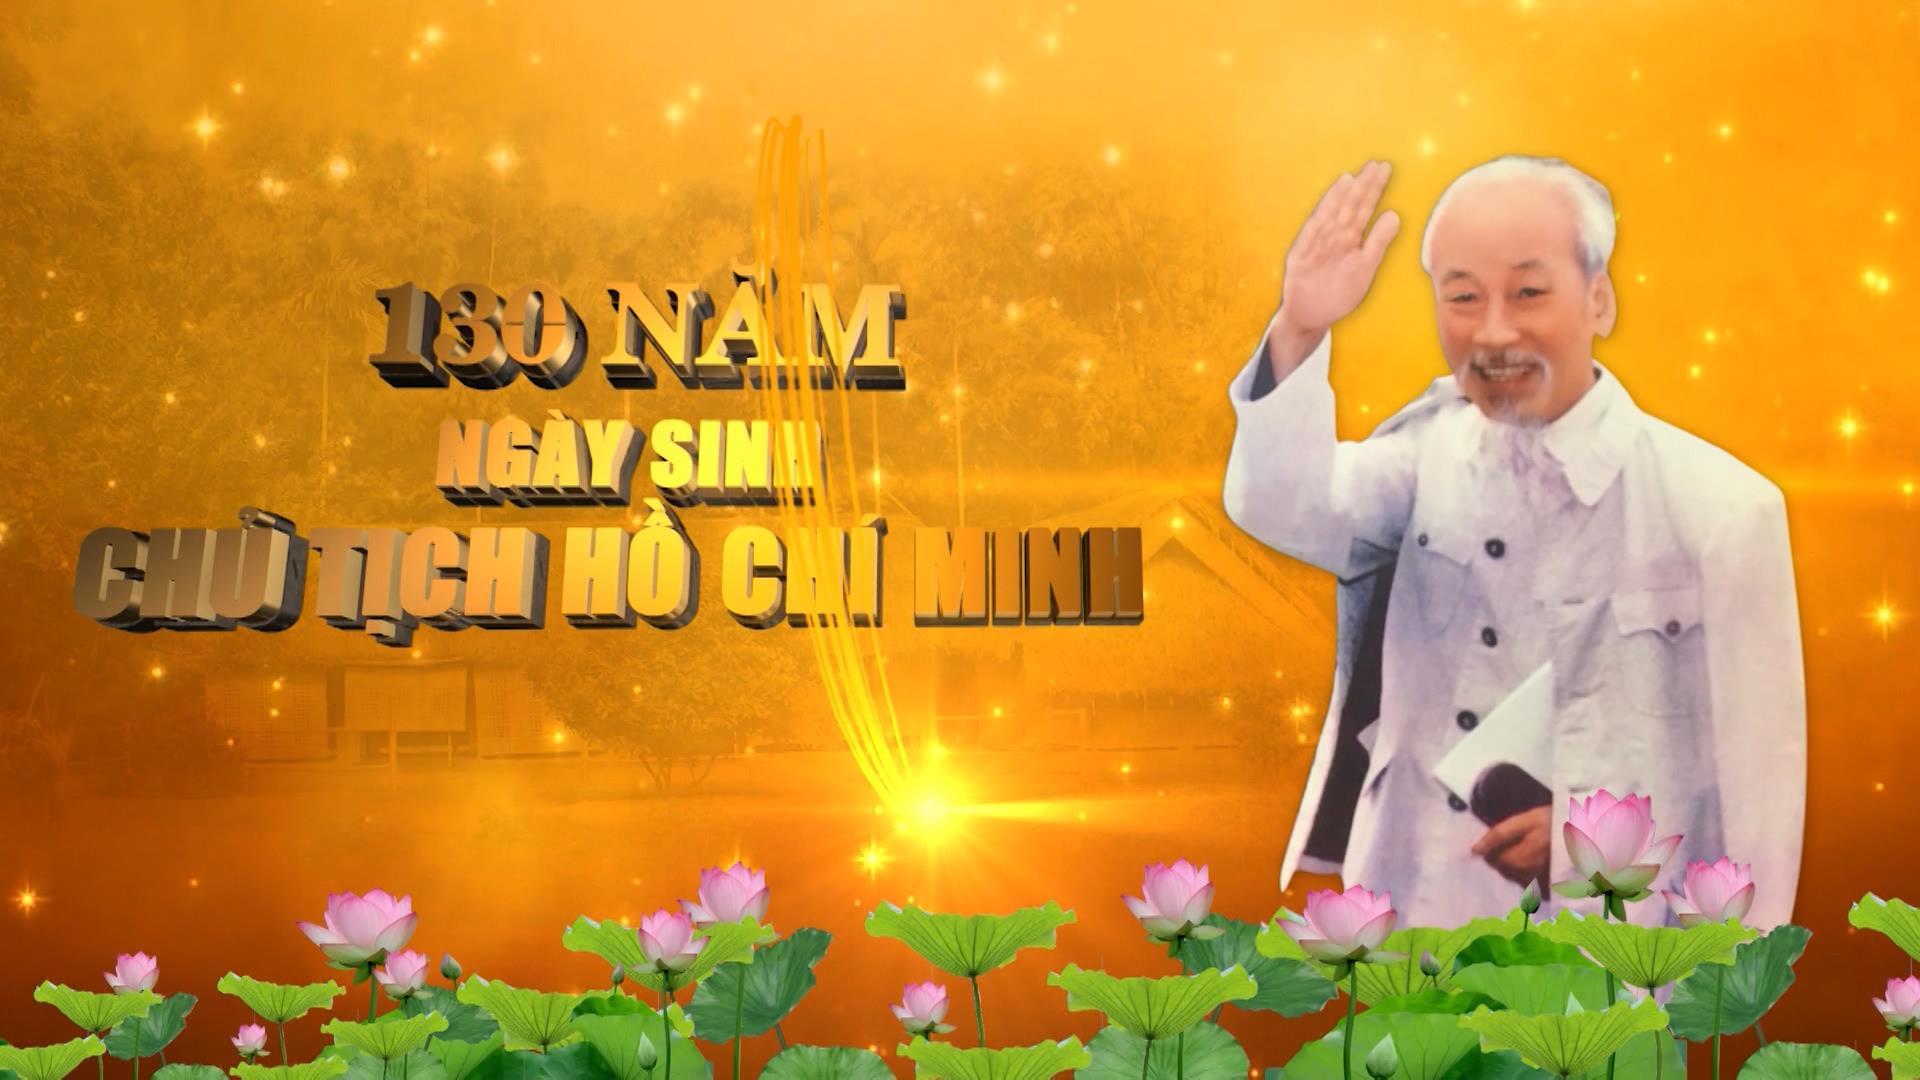 Bắc Ninh thực hiện Di chúc của Chủ tịch Hồ Chí Minh